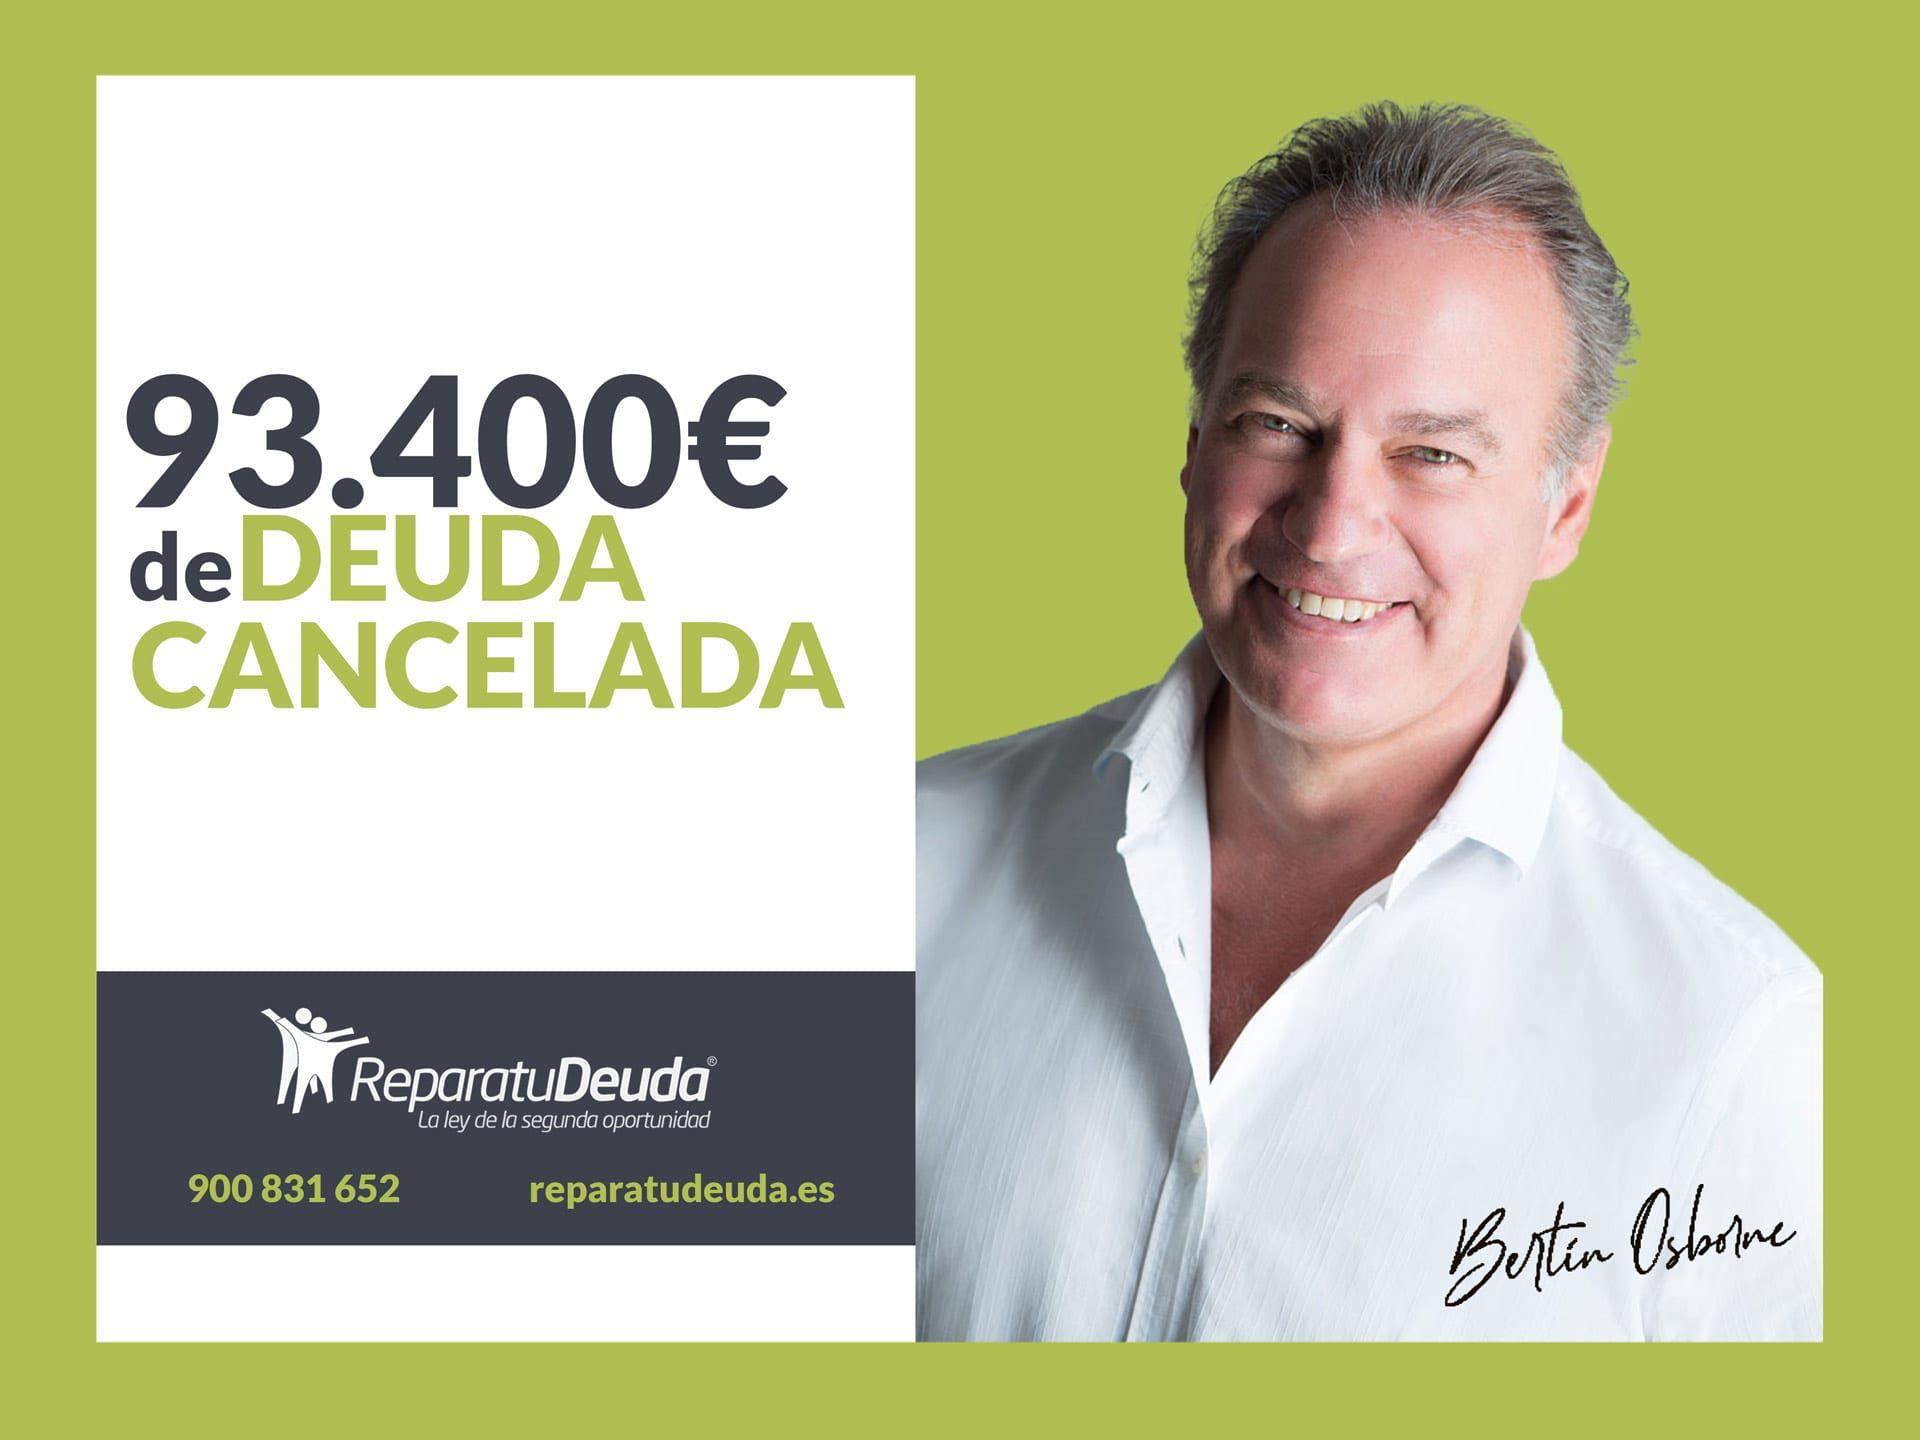 Repara tu Deuda Abogados cancela 93.400? en Ceuta con la Ley de Segunda Oportunidad